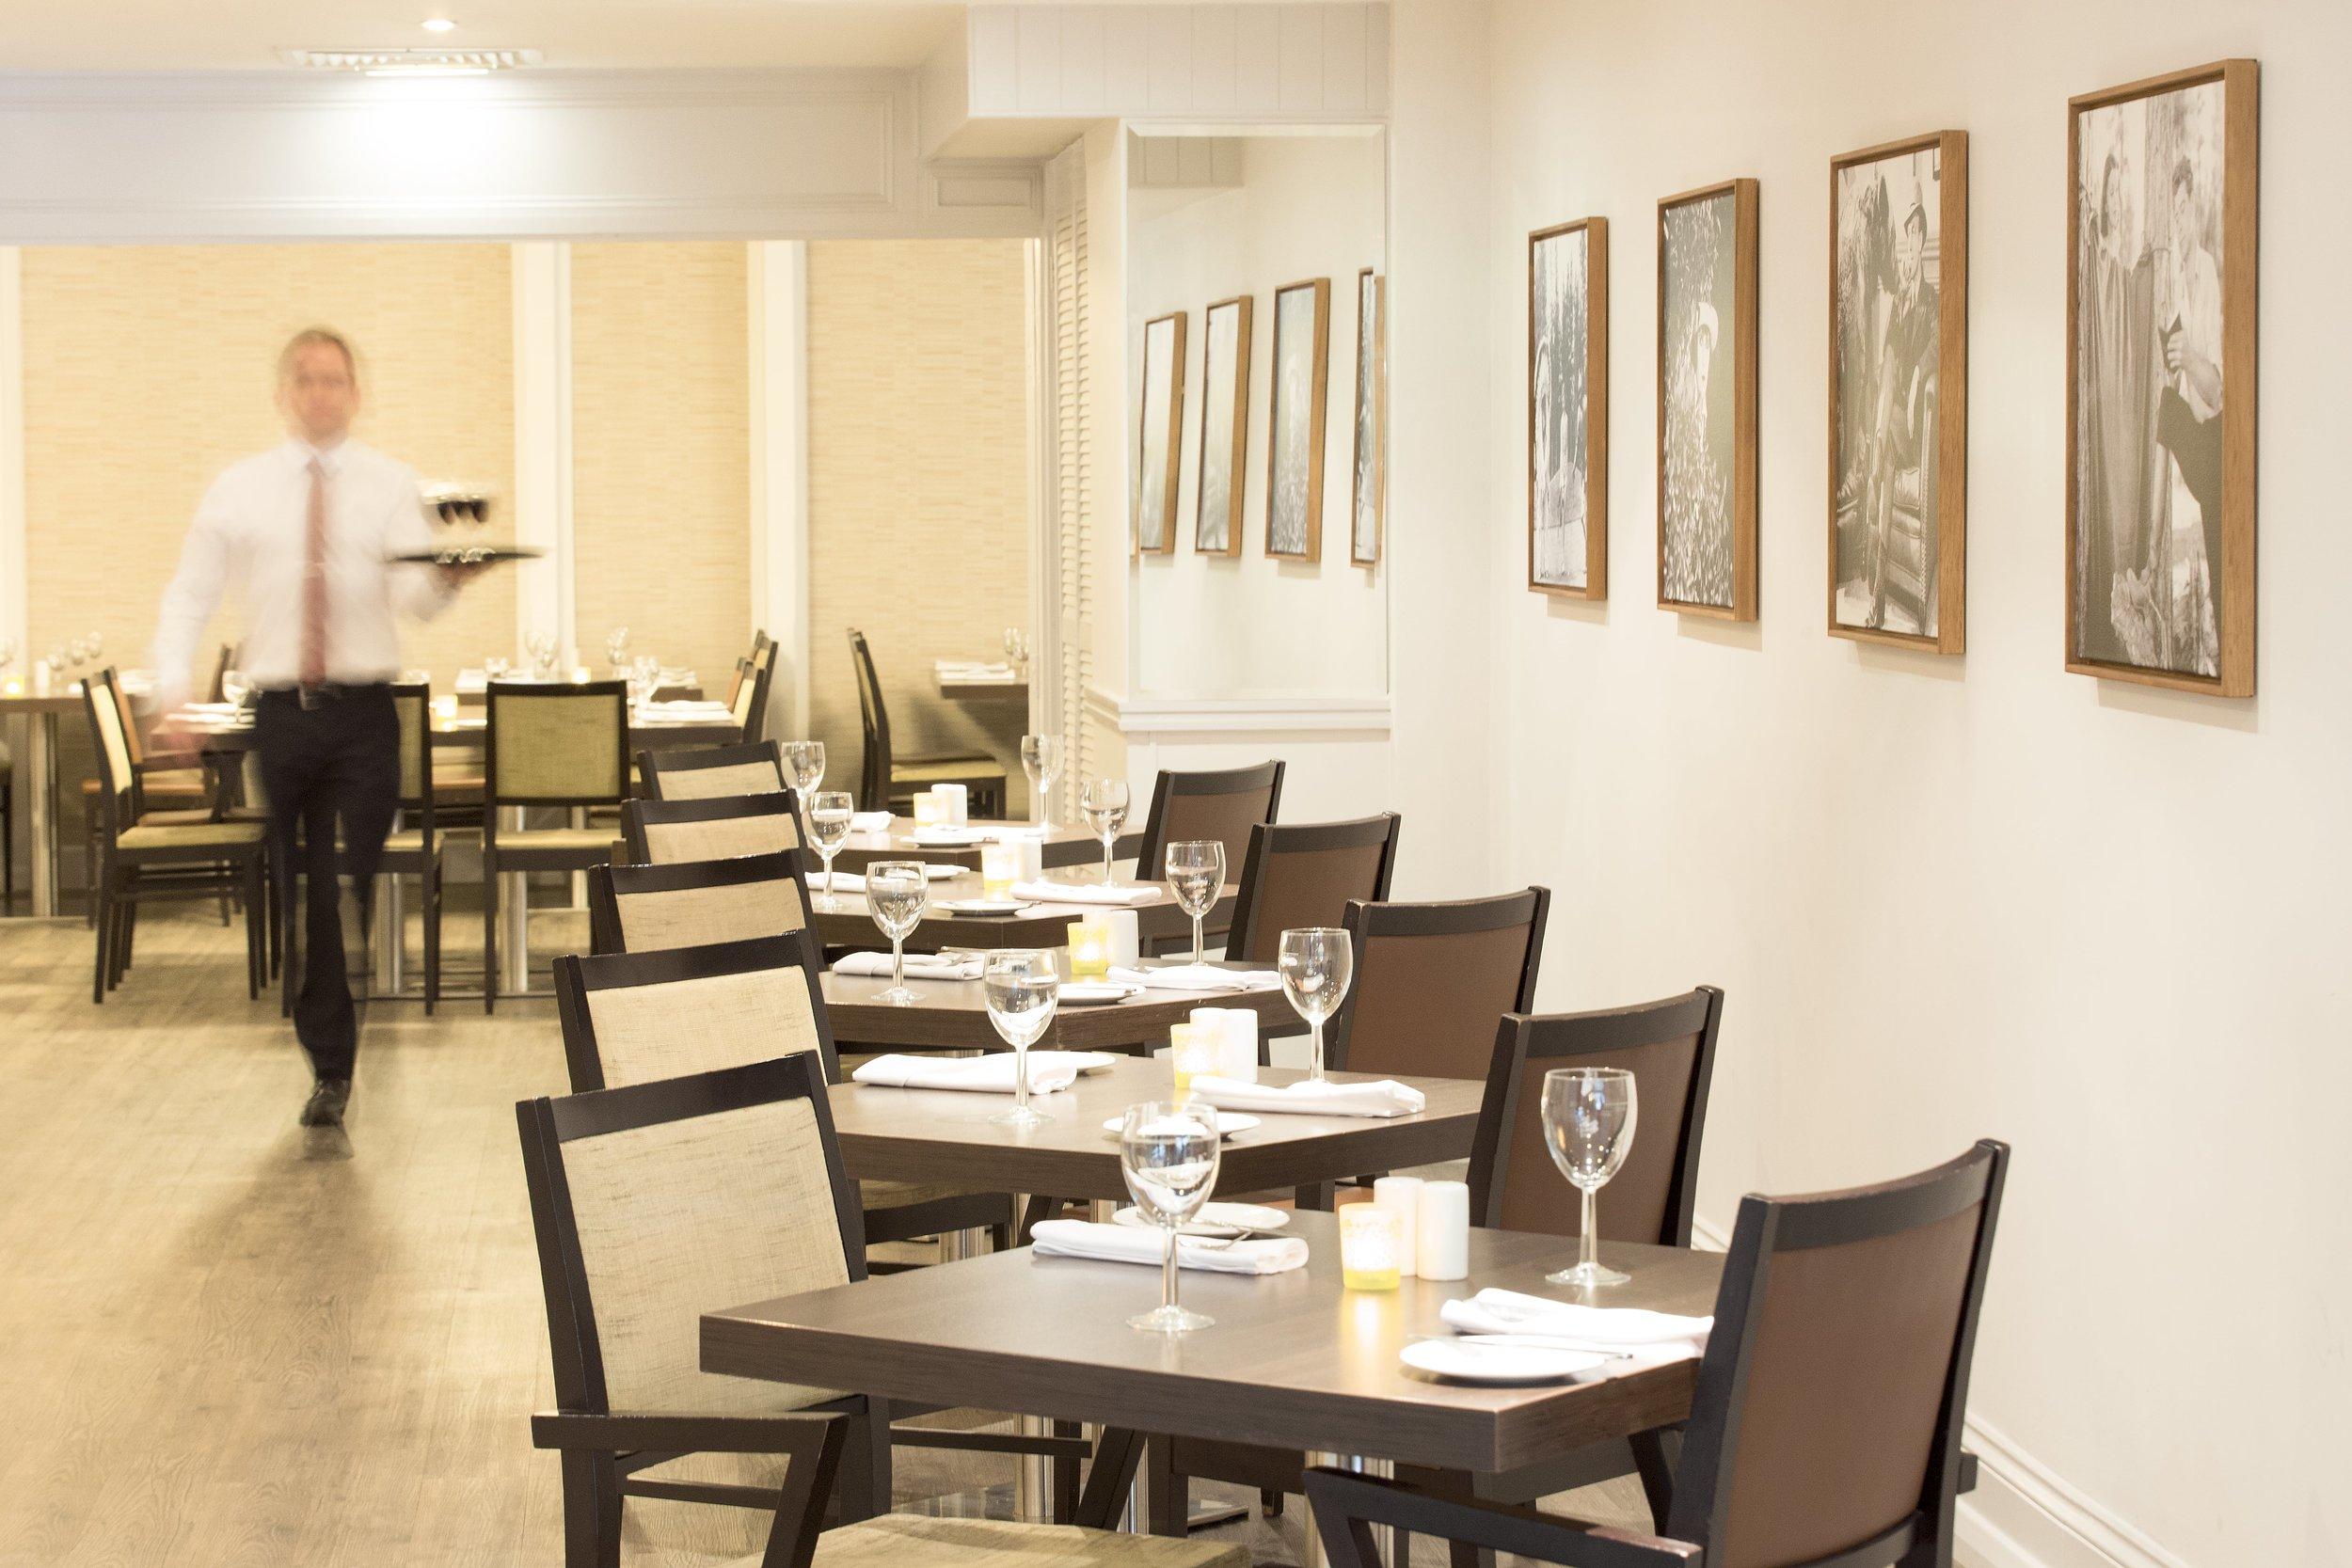 Restaurant-Corridor-Side-View-min.jpg